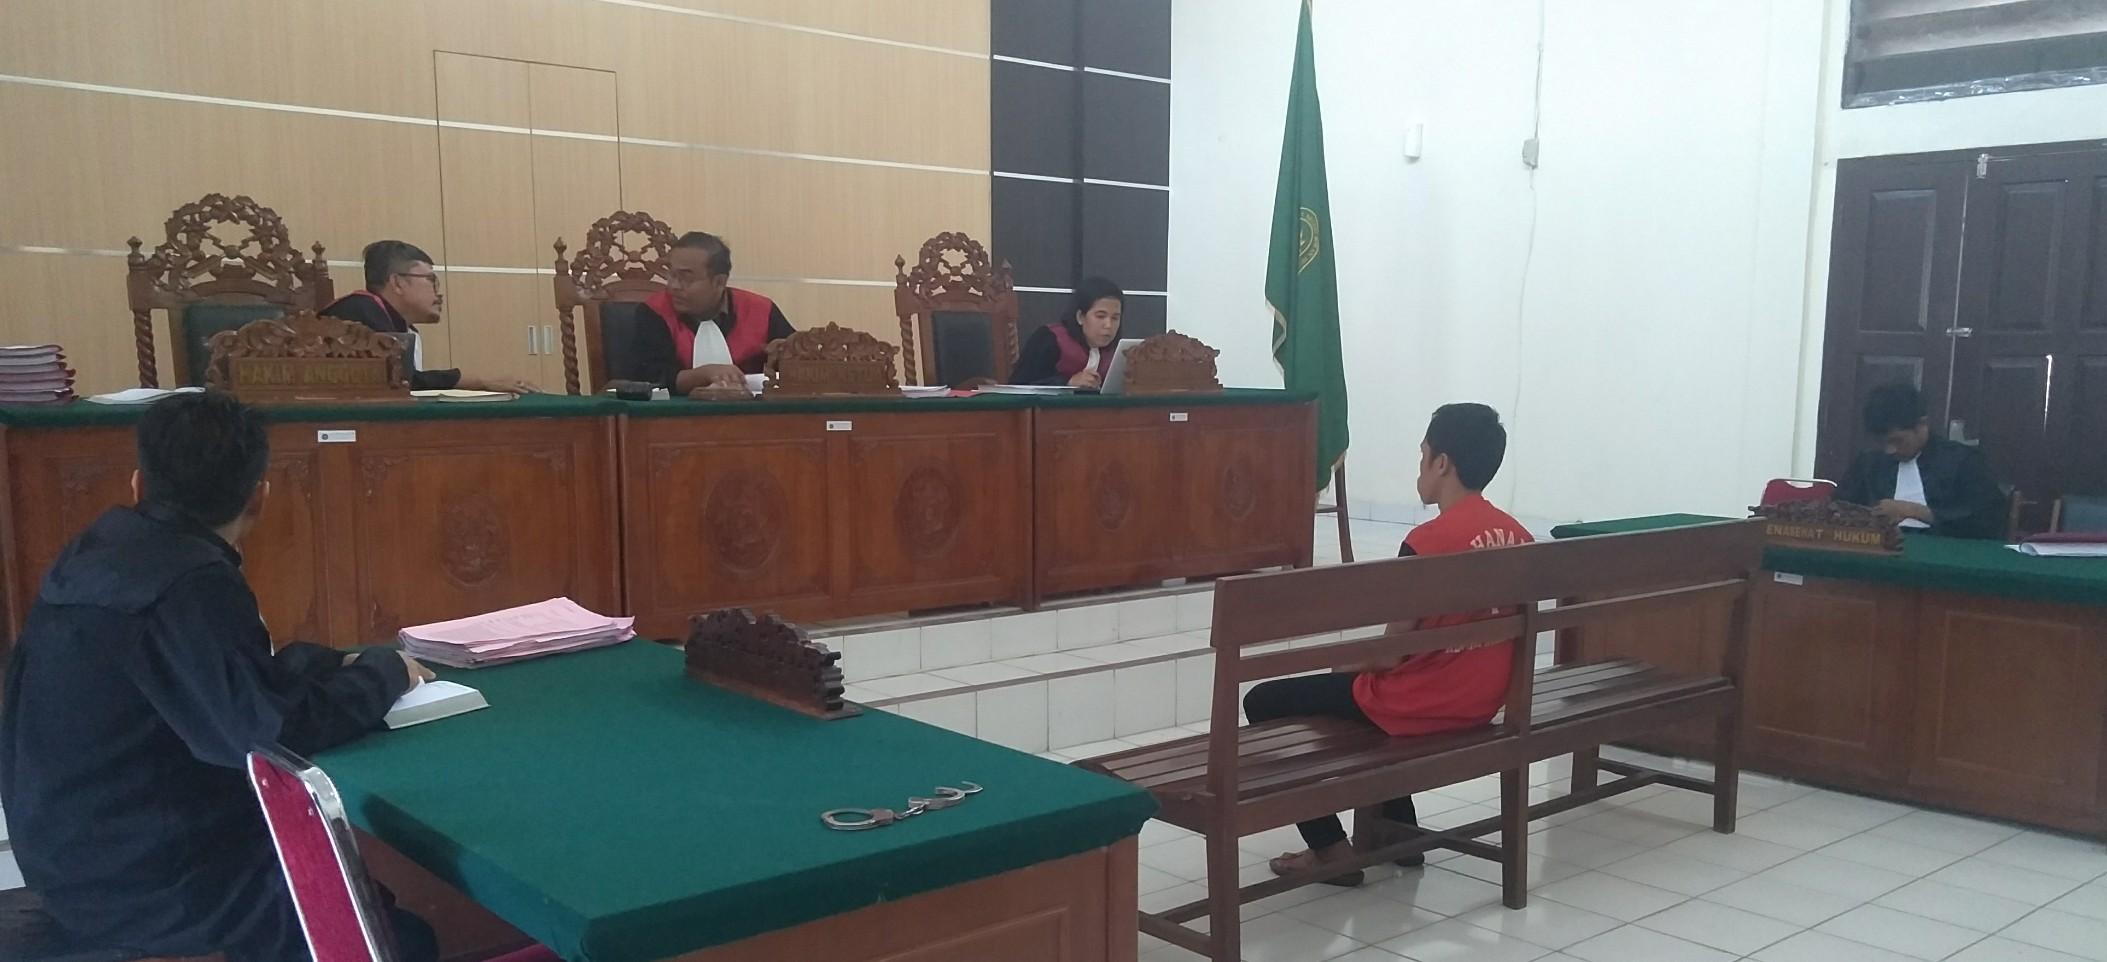 Nekat Bunuh Janda Karena Tak Bisa Bayar Hutang , Terdakwa Divonis 20 Tahun Penjara